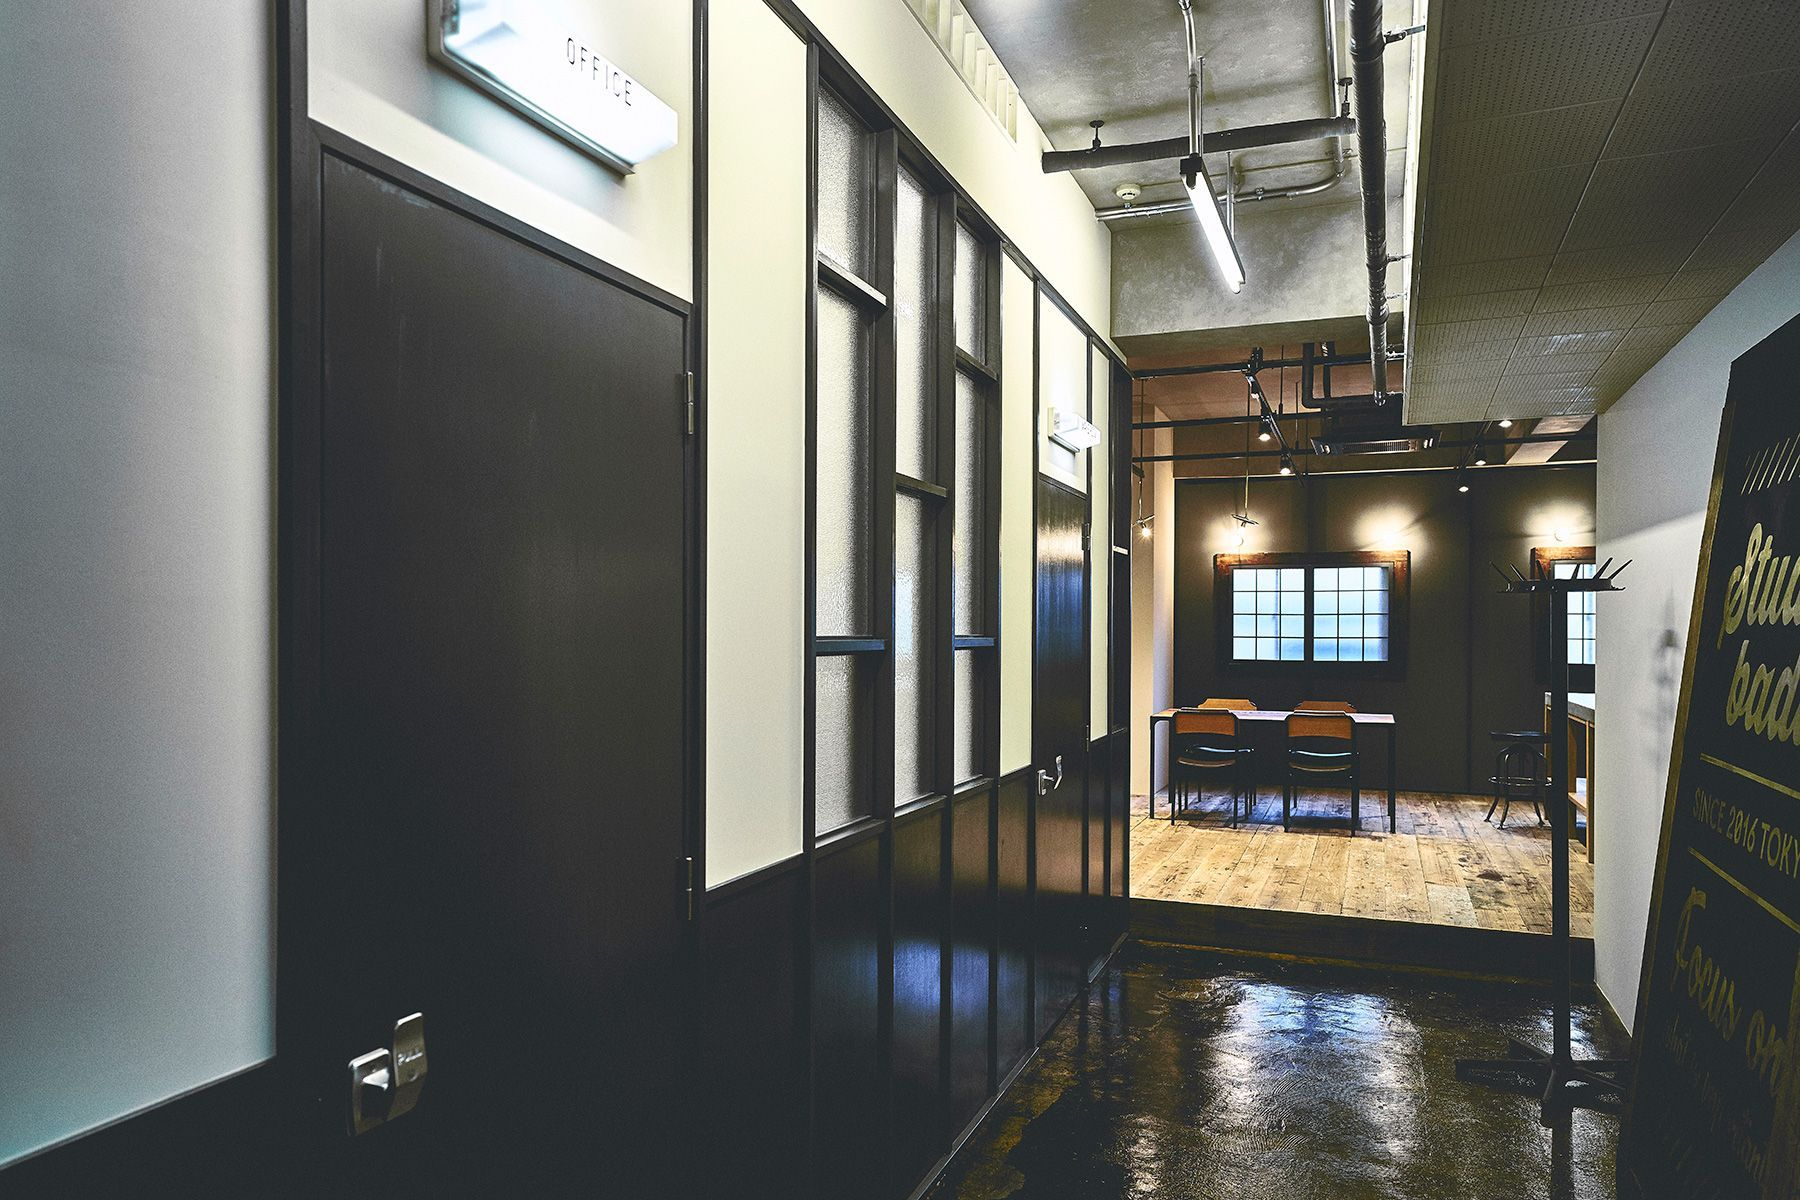 Studio Badw(スタジオ バドウ)廊下からキッチン